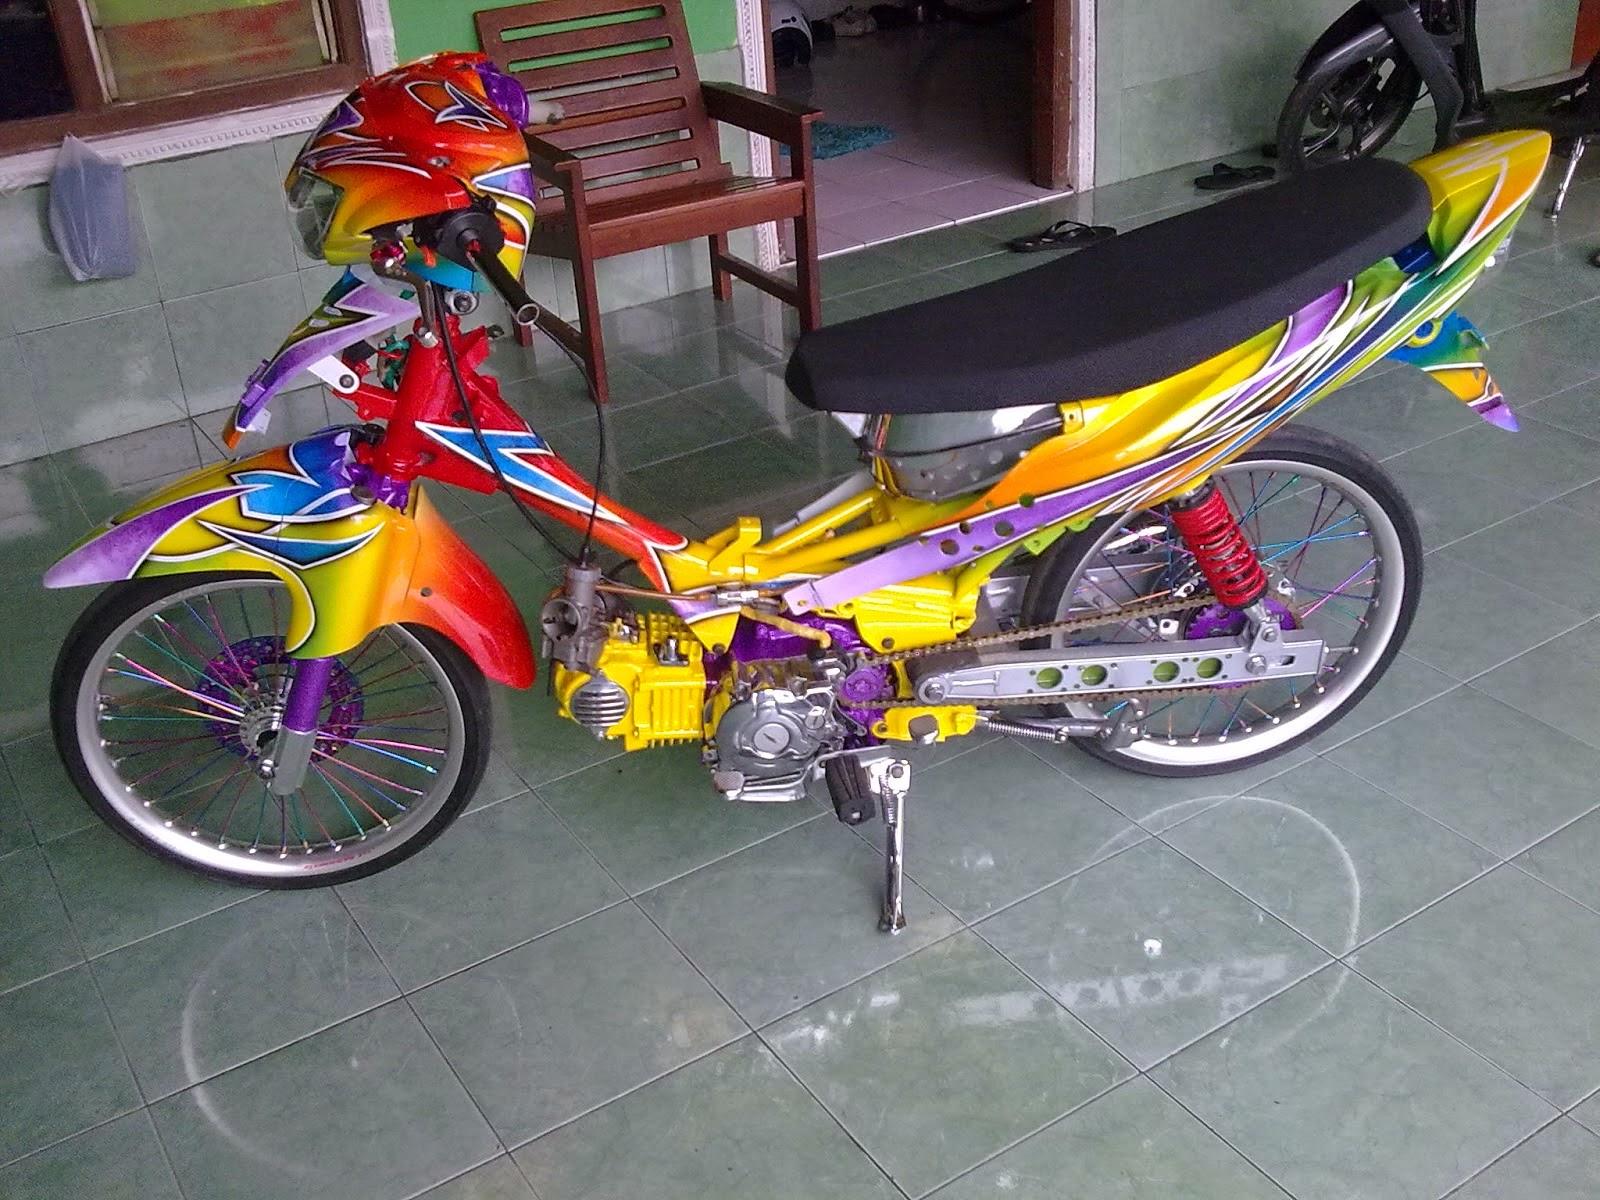 Modifikasi mio racing look drag bike terbaru keren for Yamaha drag bike